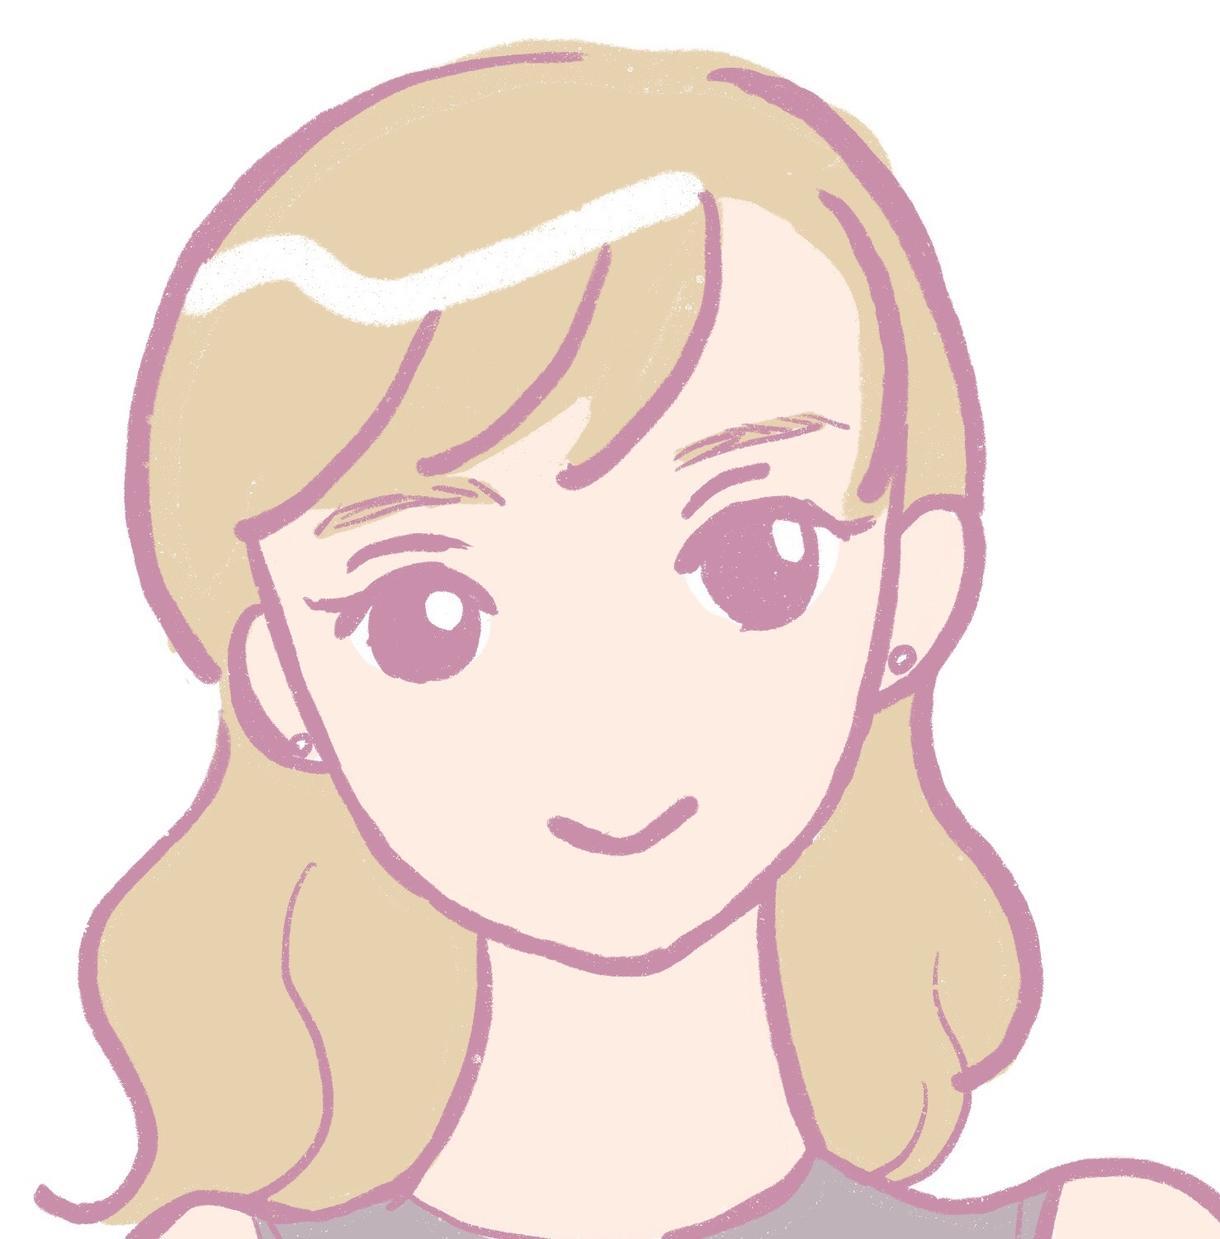 シンプルかわいいアイコンイラスト描きます 気軽に使えるおしゃれでシンプルなアイコンを描きます!